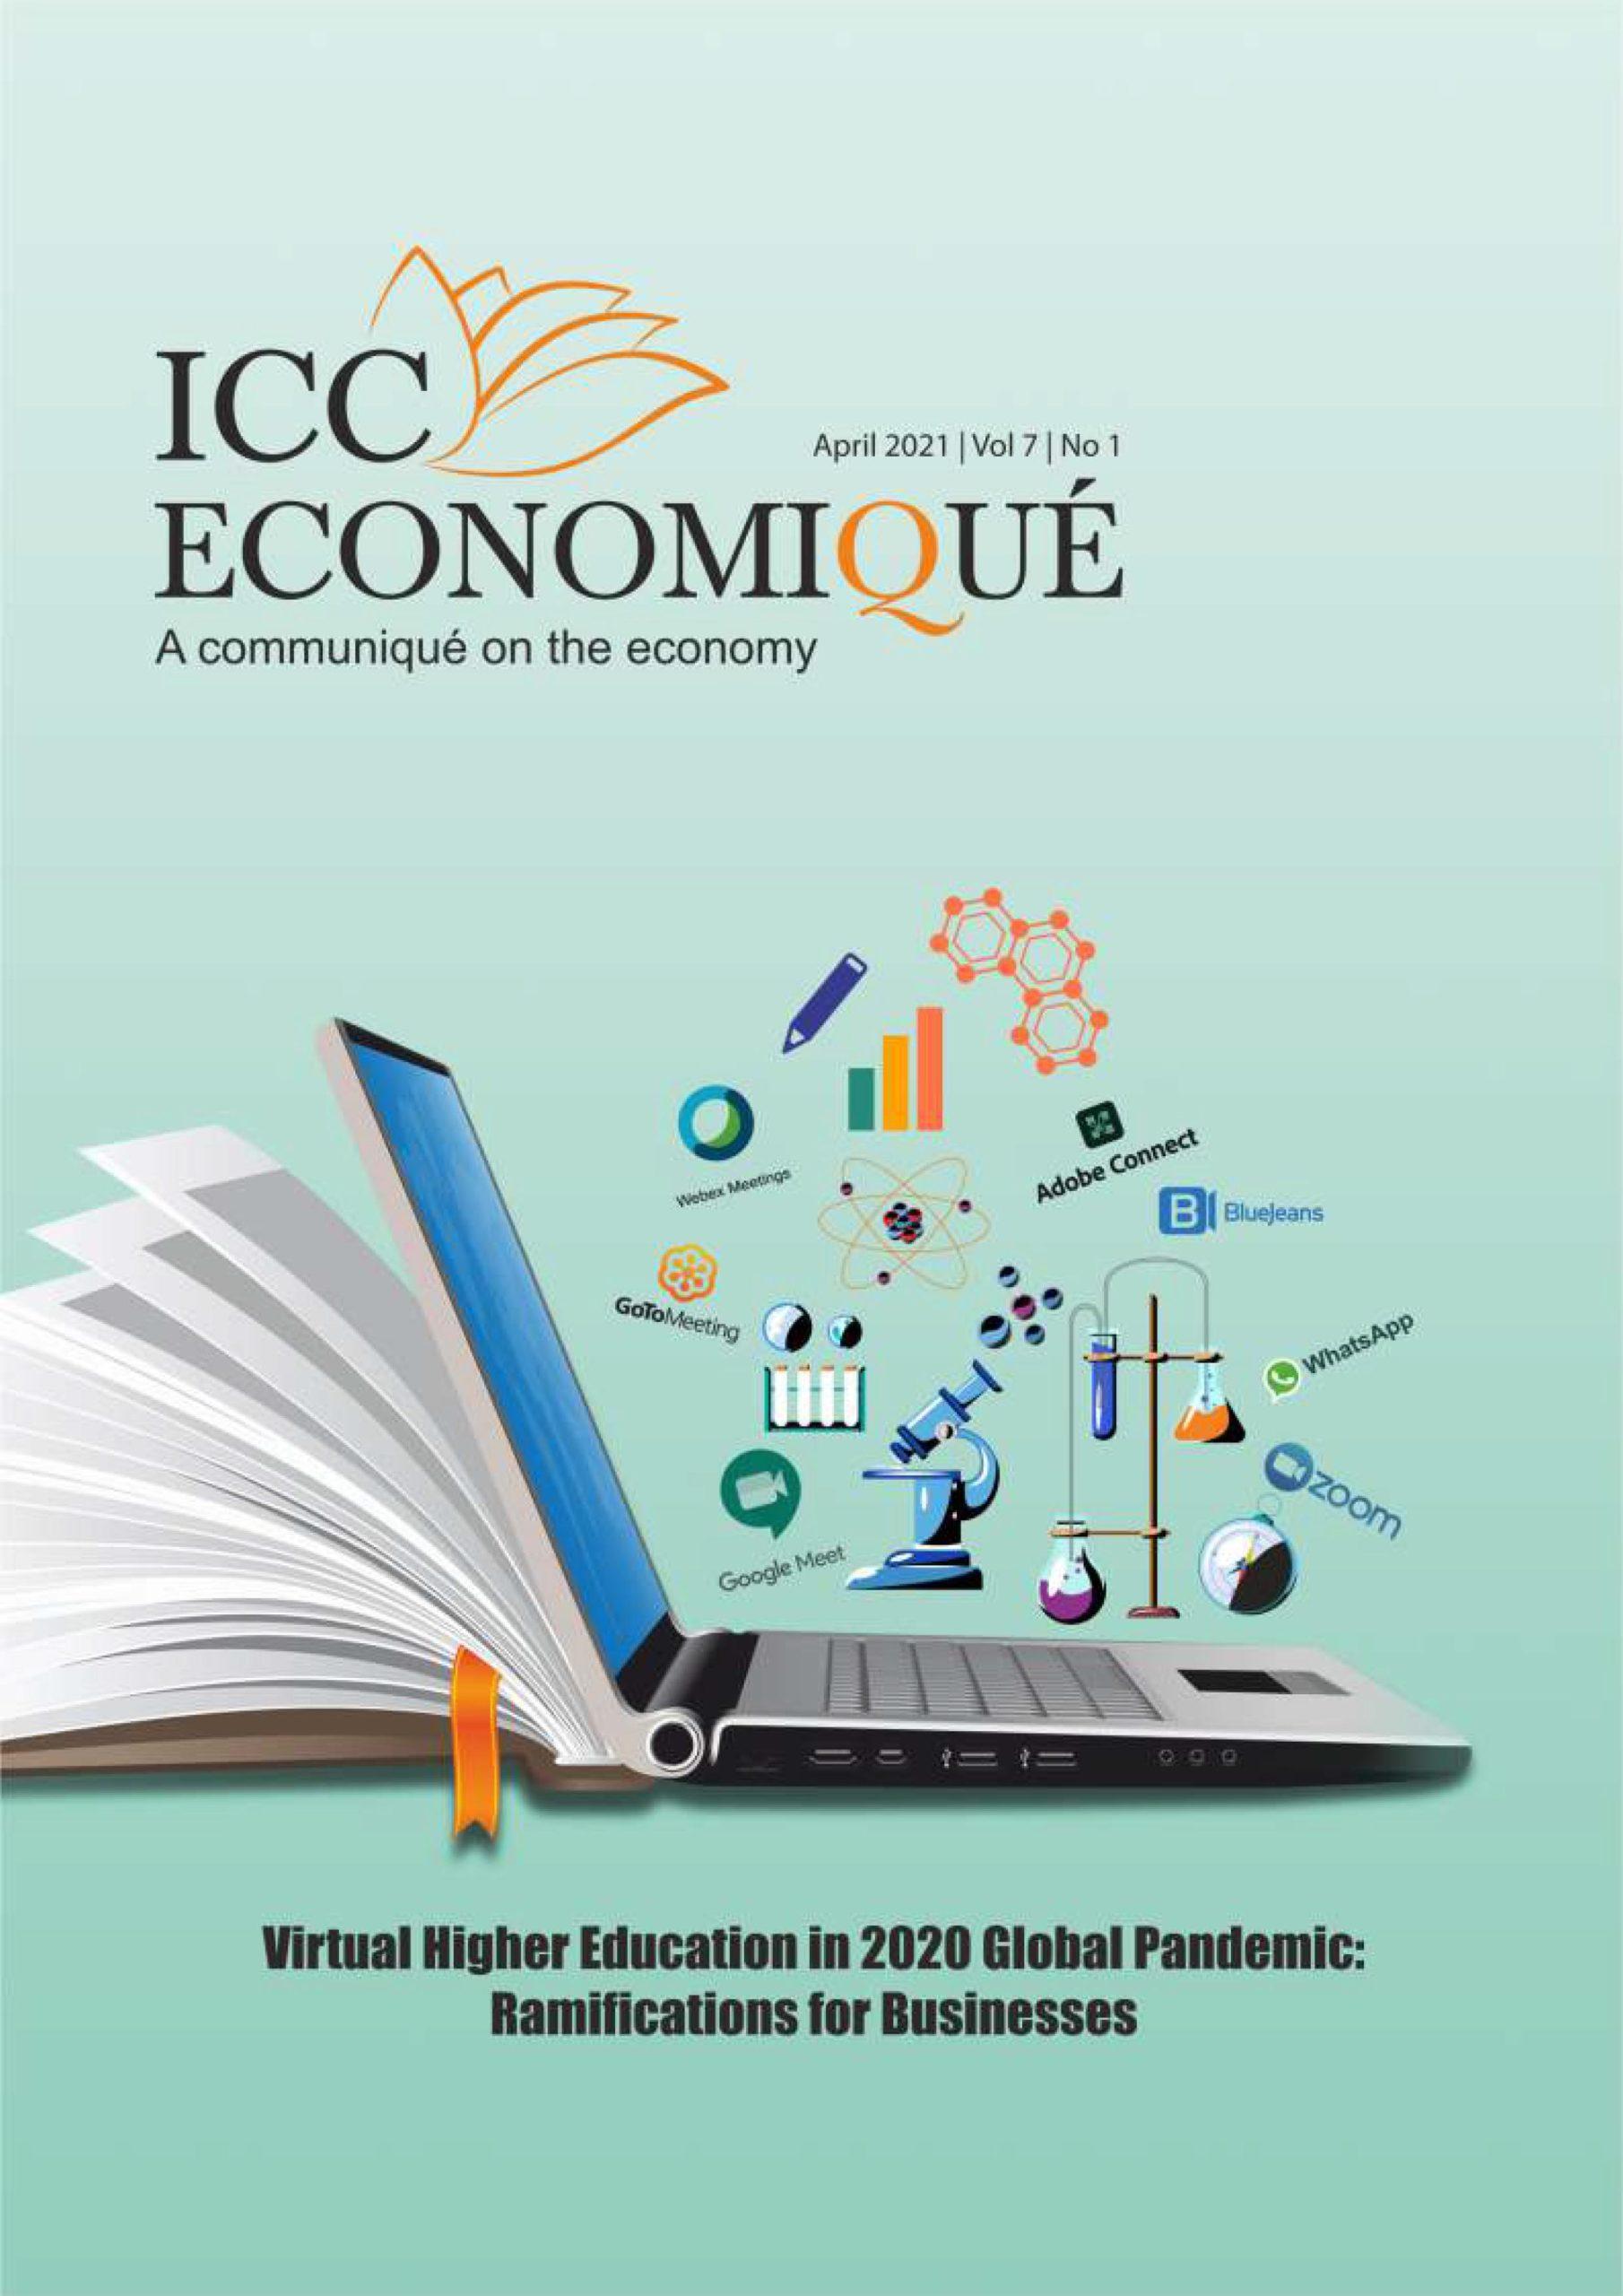 ICC Economique April 2021 | Vol 7 | No 1